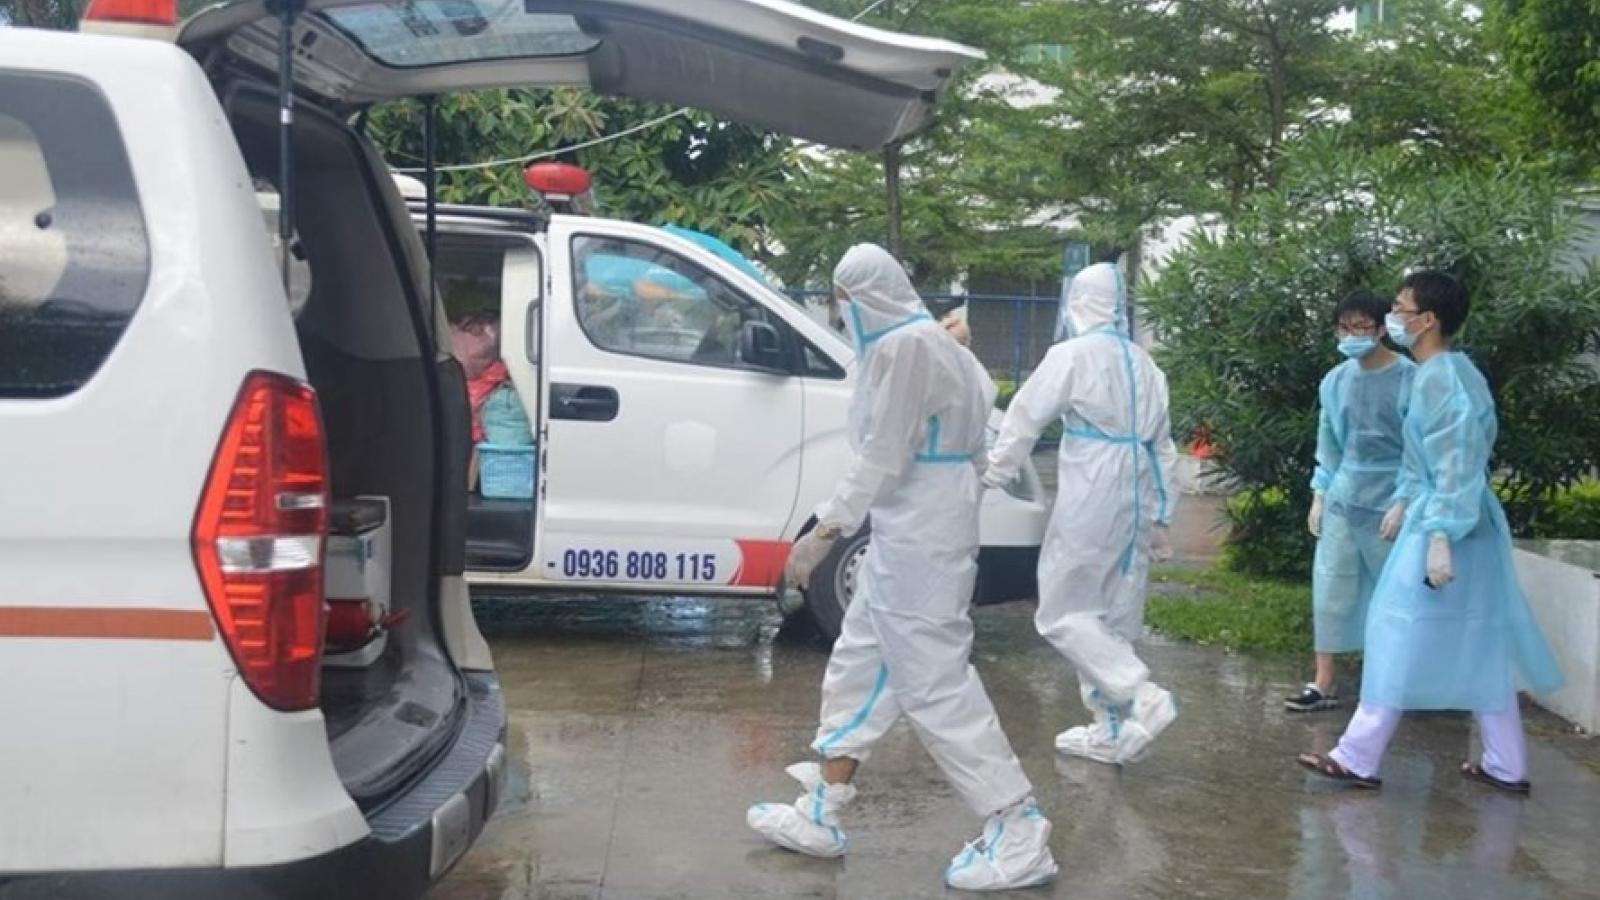 Thái Bình khẩn trươngtruy vết các trường hợp tiếp xúclái xe dương tính với SARS-CoV-2